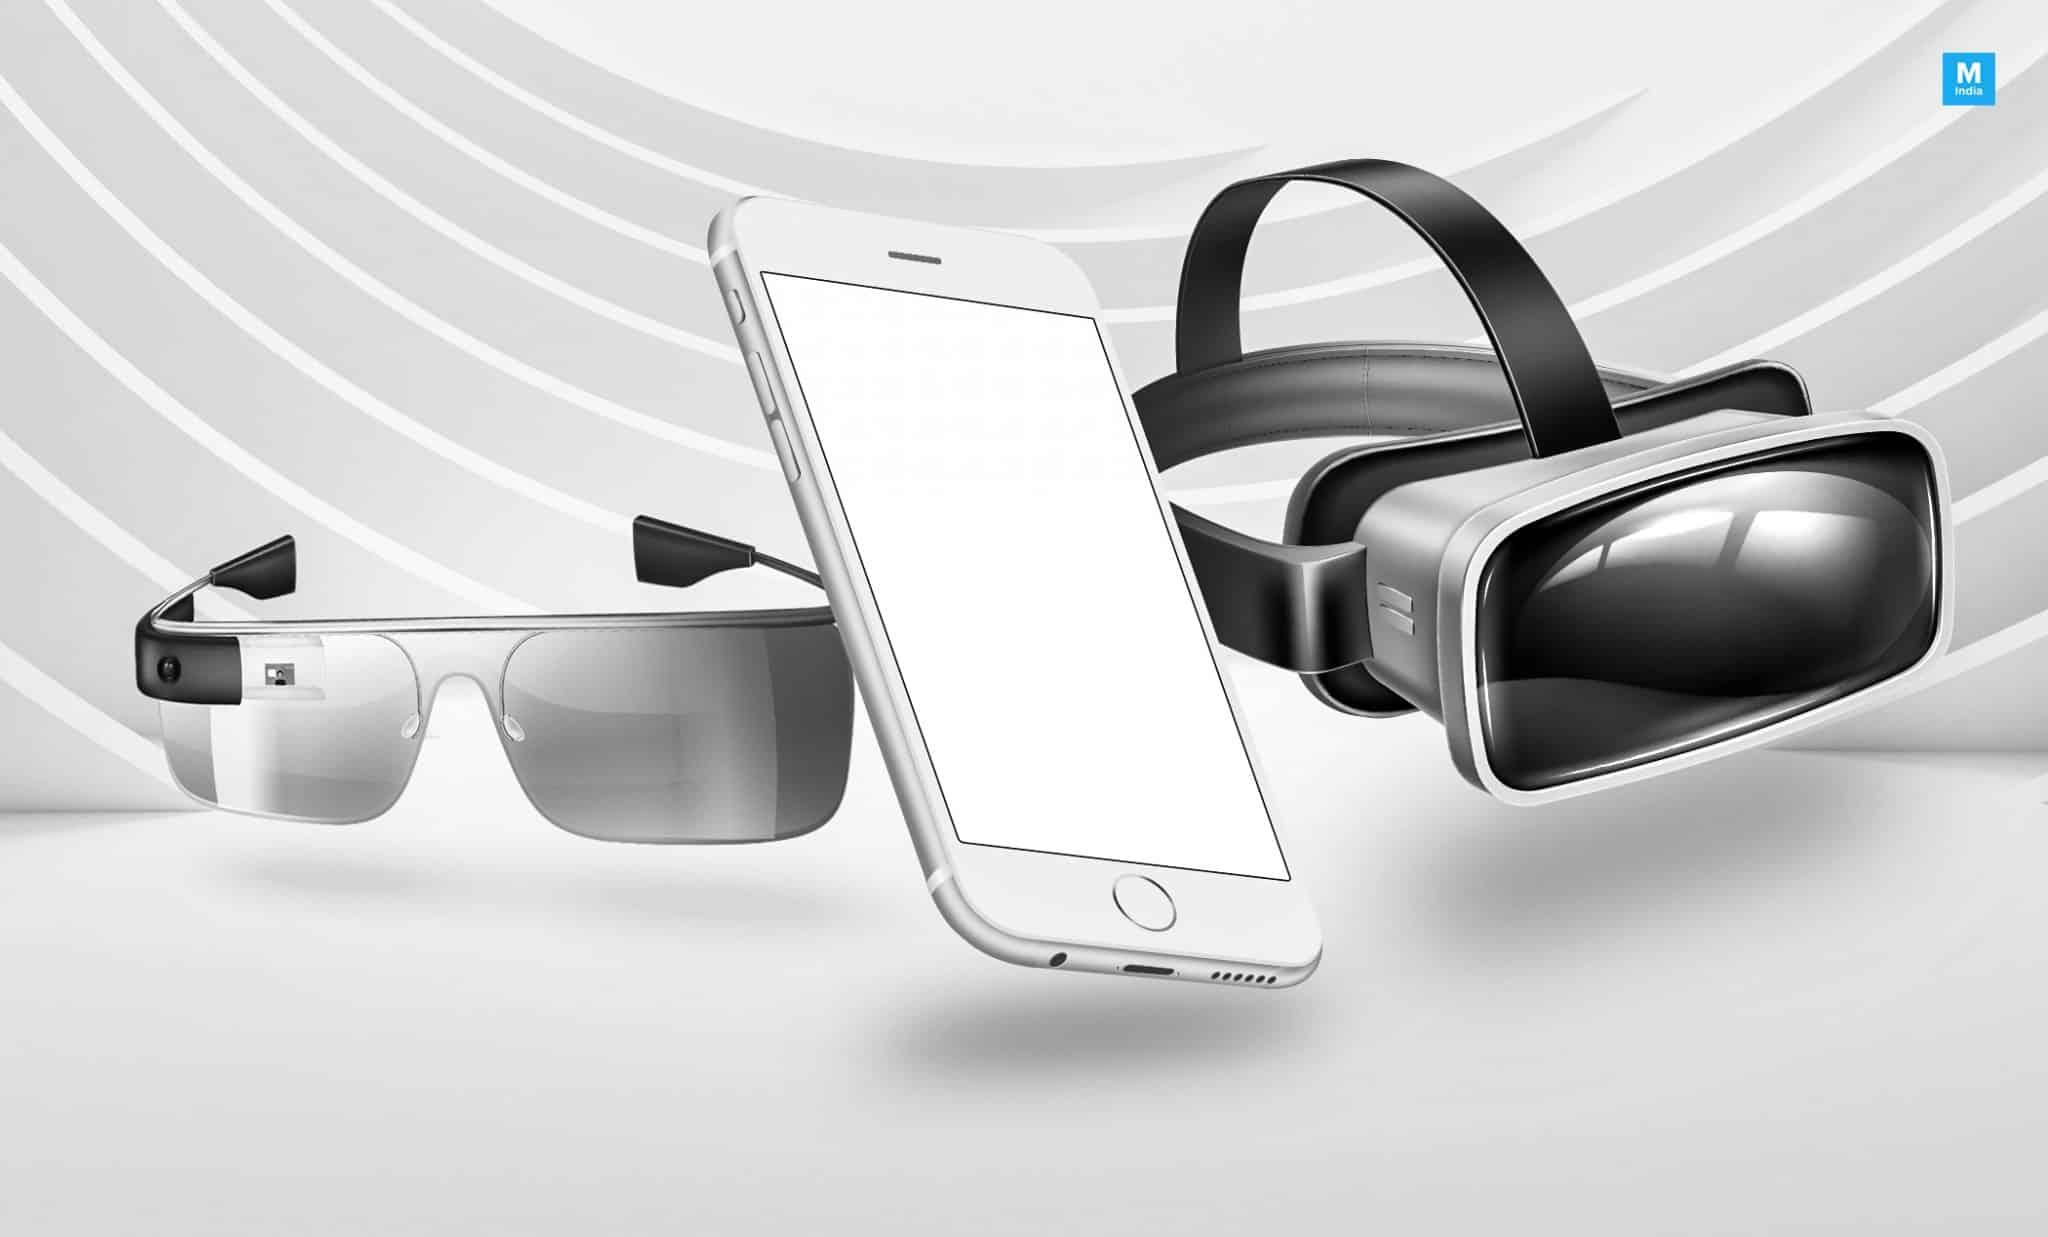 ar okuliare patent Apple